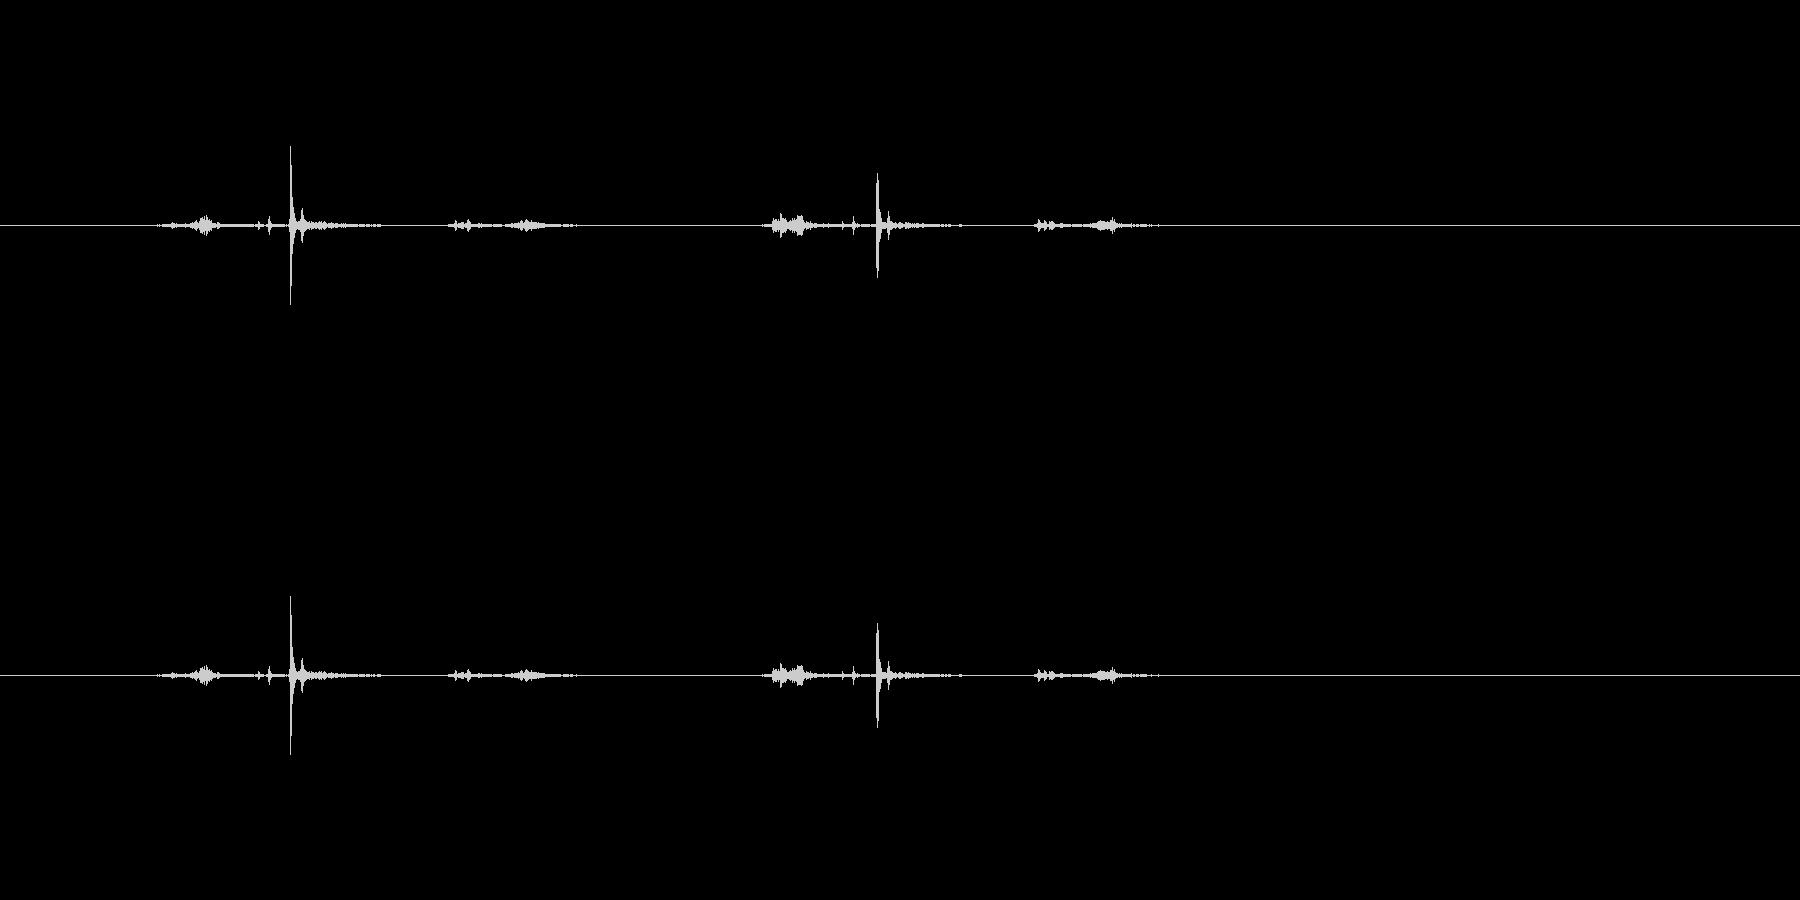 【ホッチキス03-3(カチカチ)】の未再生の波形